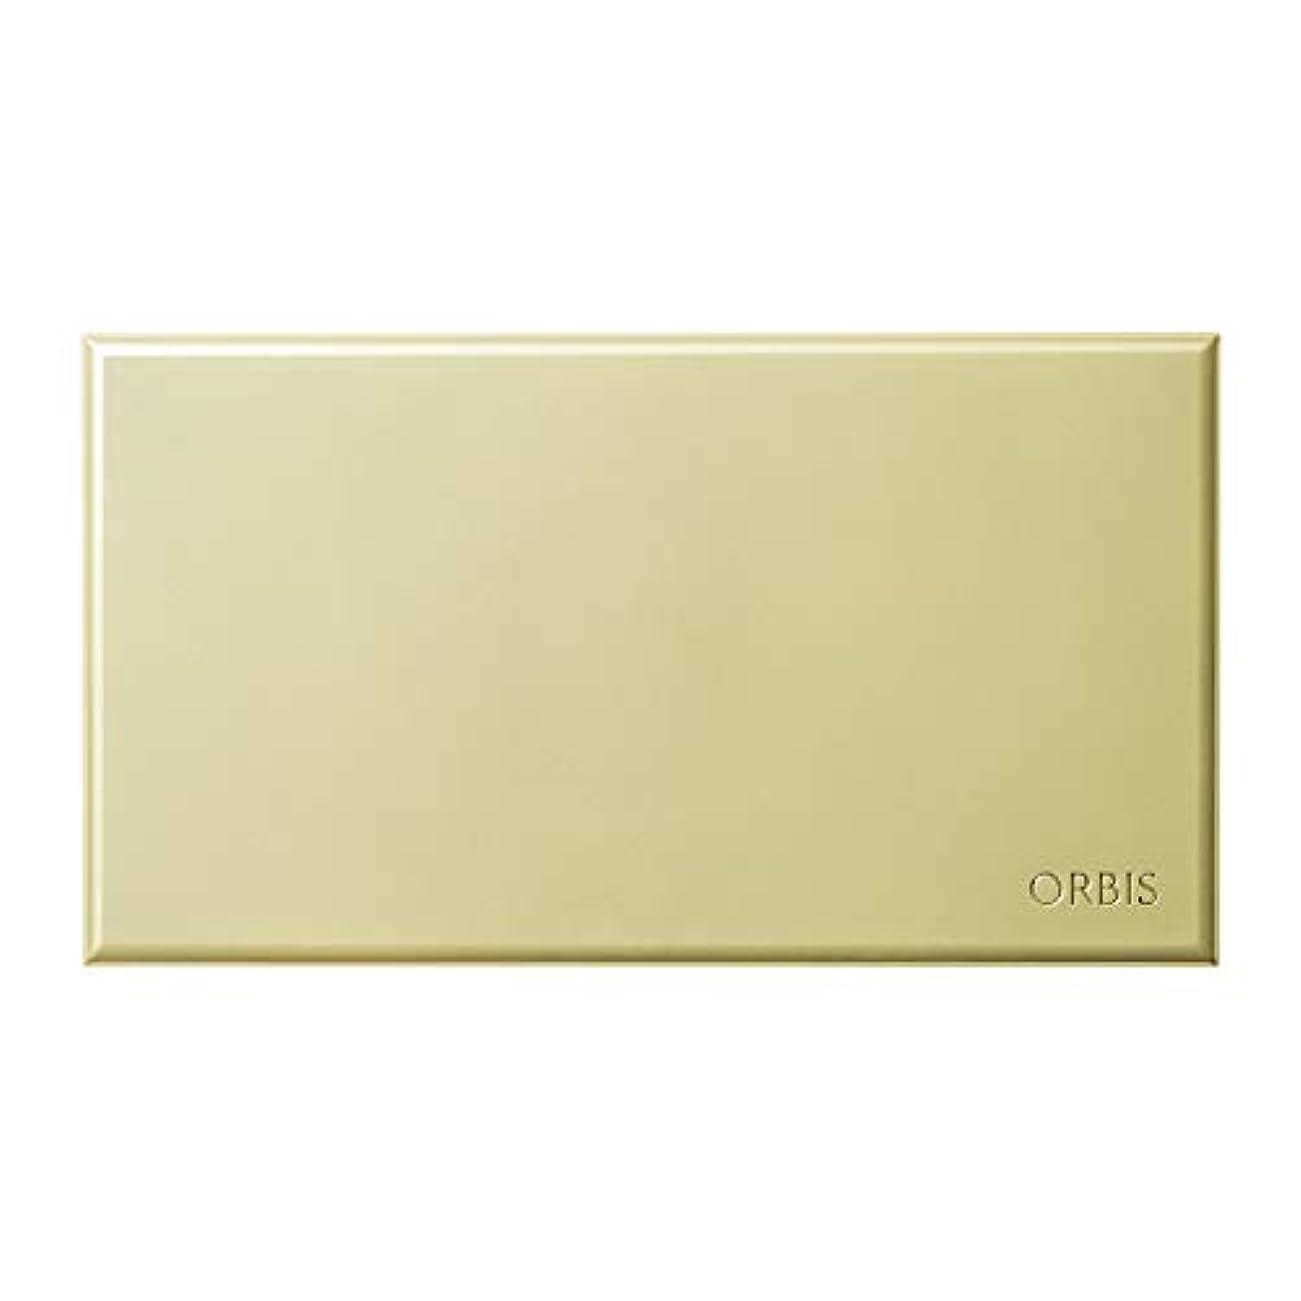 チャネル麻酔薬医療過誤オルビス(ORBIS) カシミアフィットファンデーション 別売りケース